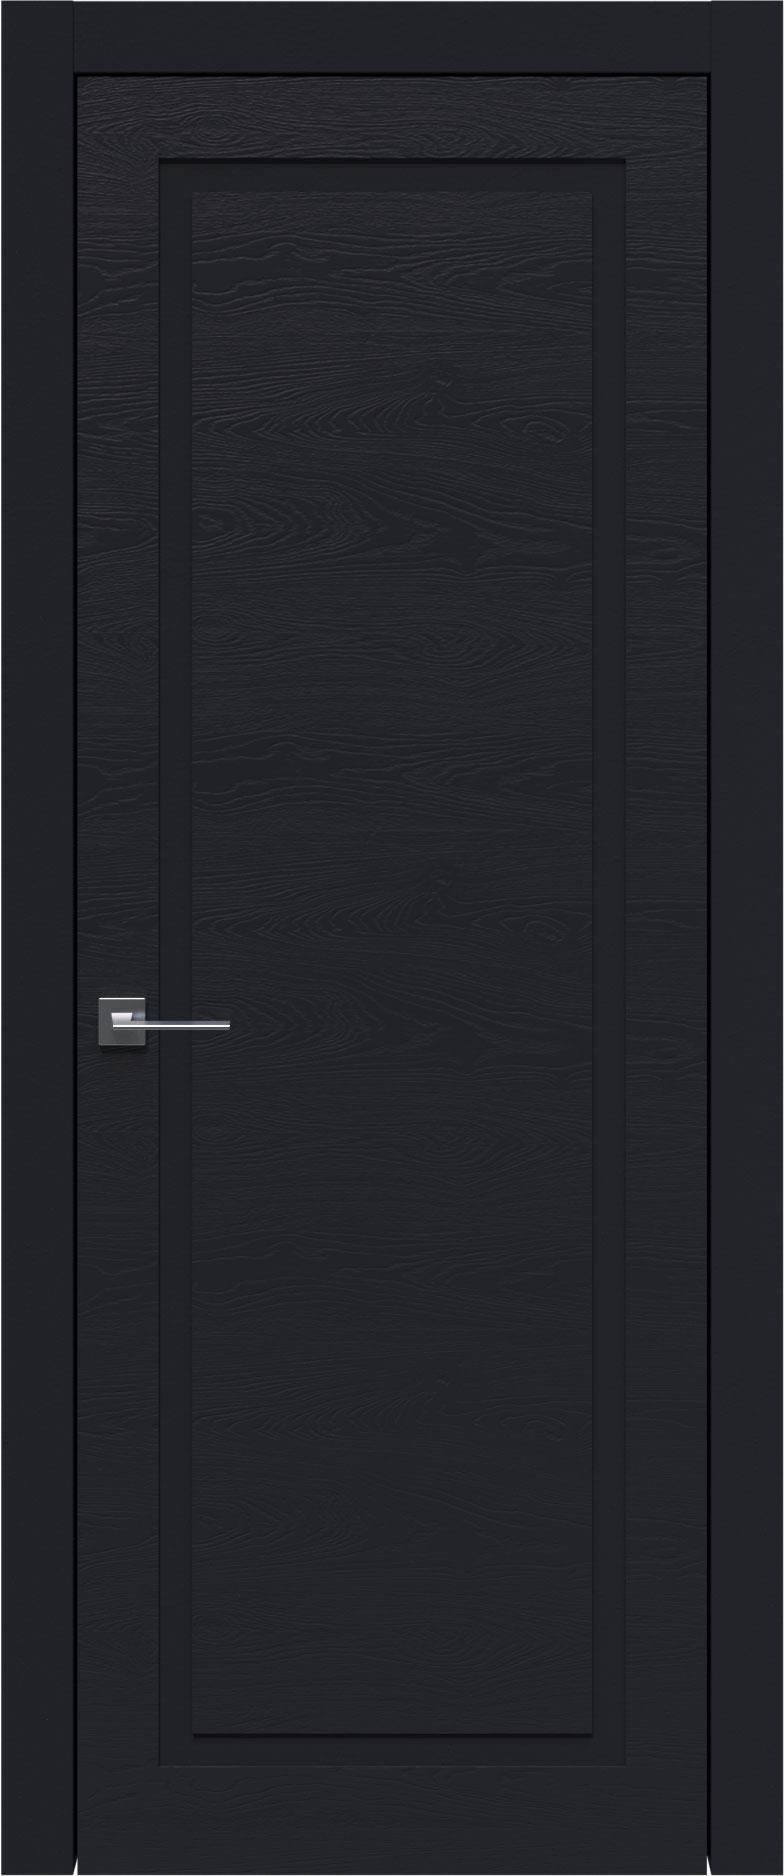 Tivoli Д-5 цвет - Черная эмаль по шпону (RAL 9004) Без стекла (ДГ)